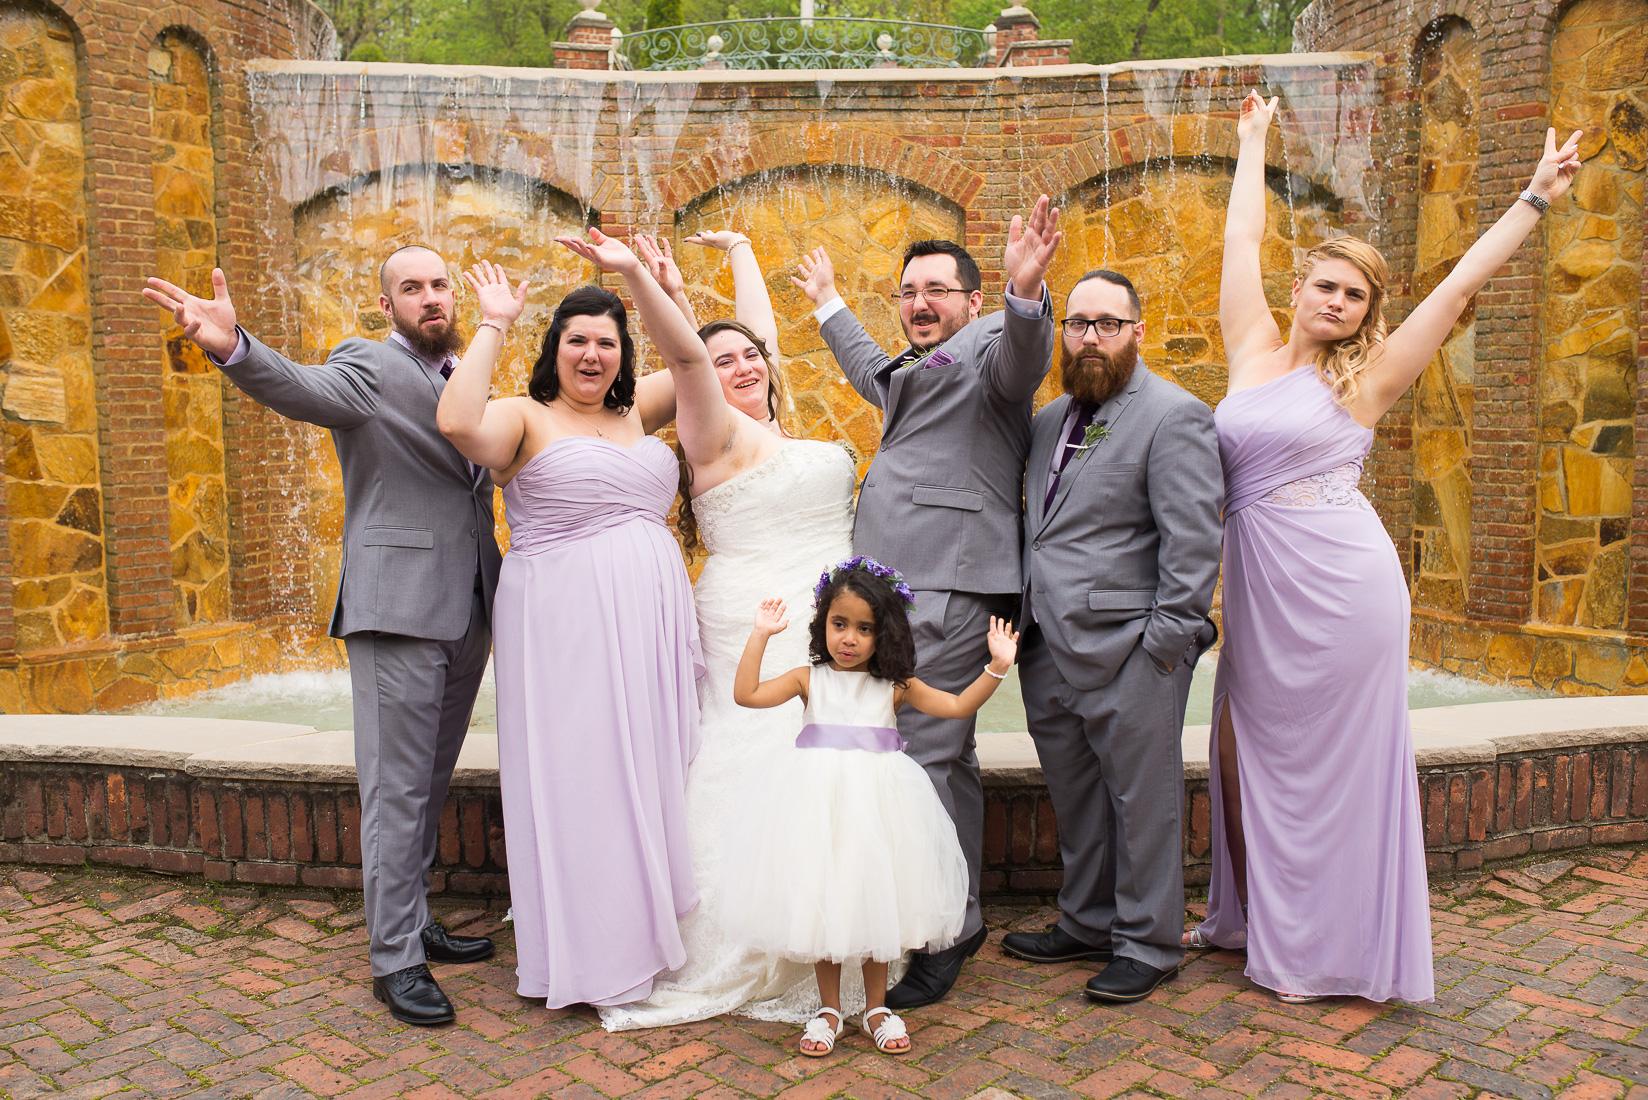 Manor-SouthOrange-NJ-wedding-0018.jpg